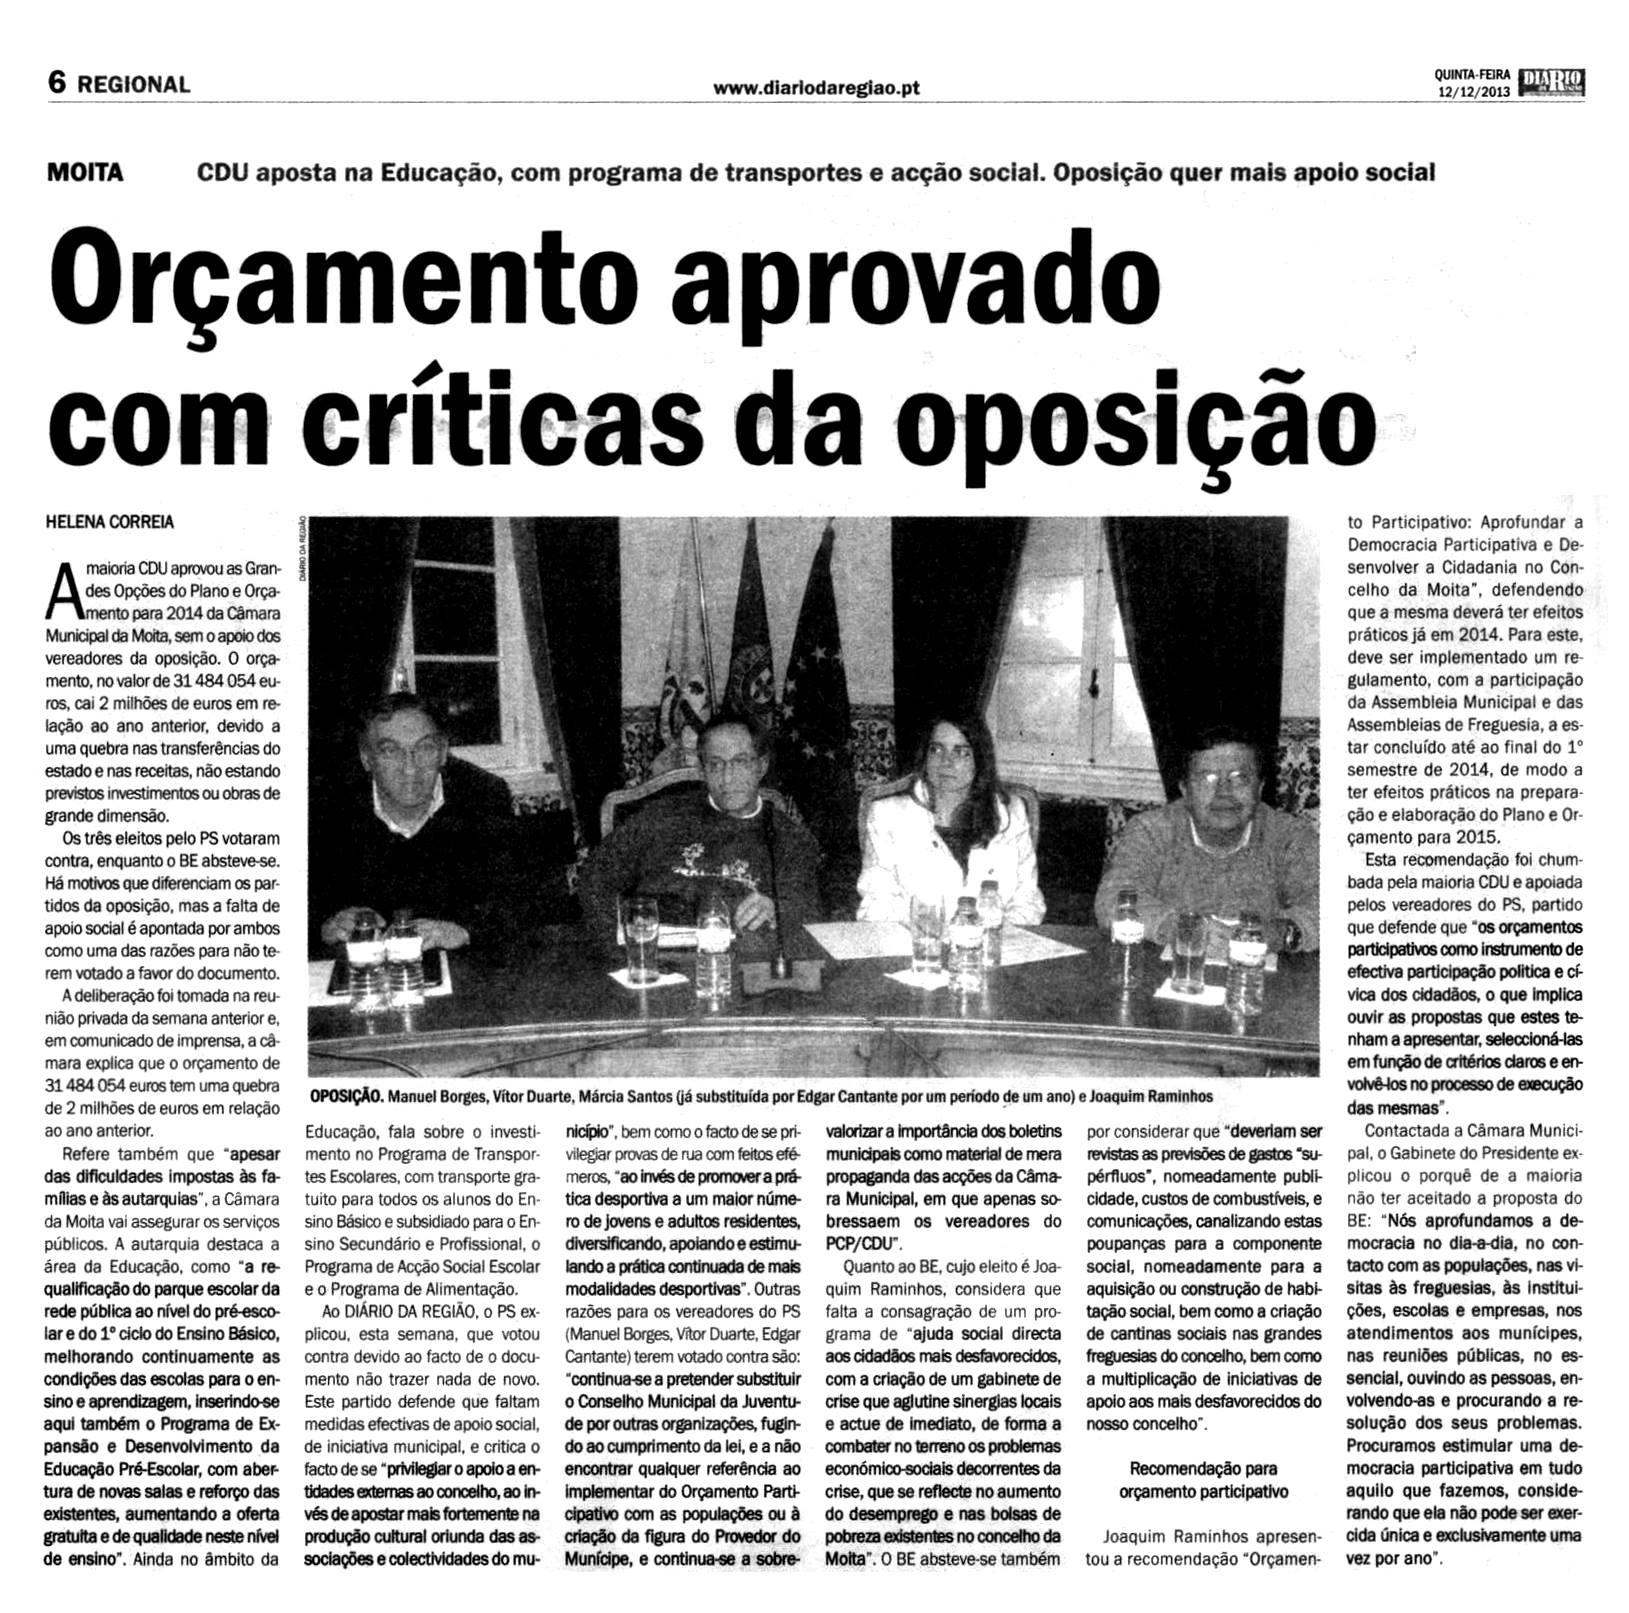 Artigo do Diário da Região [12-12-2013]